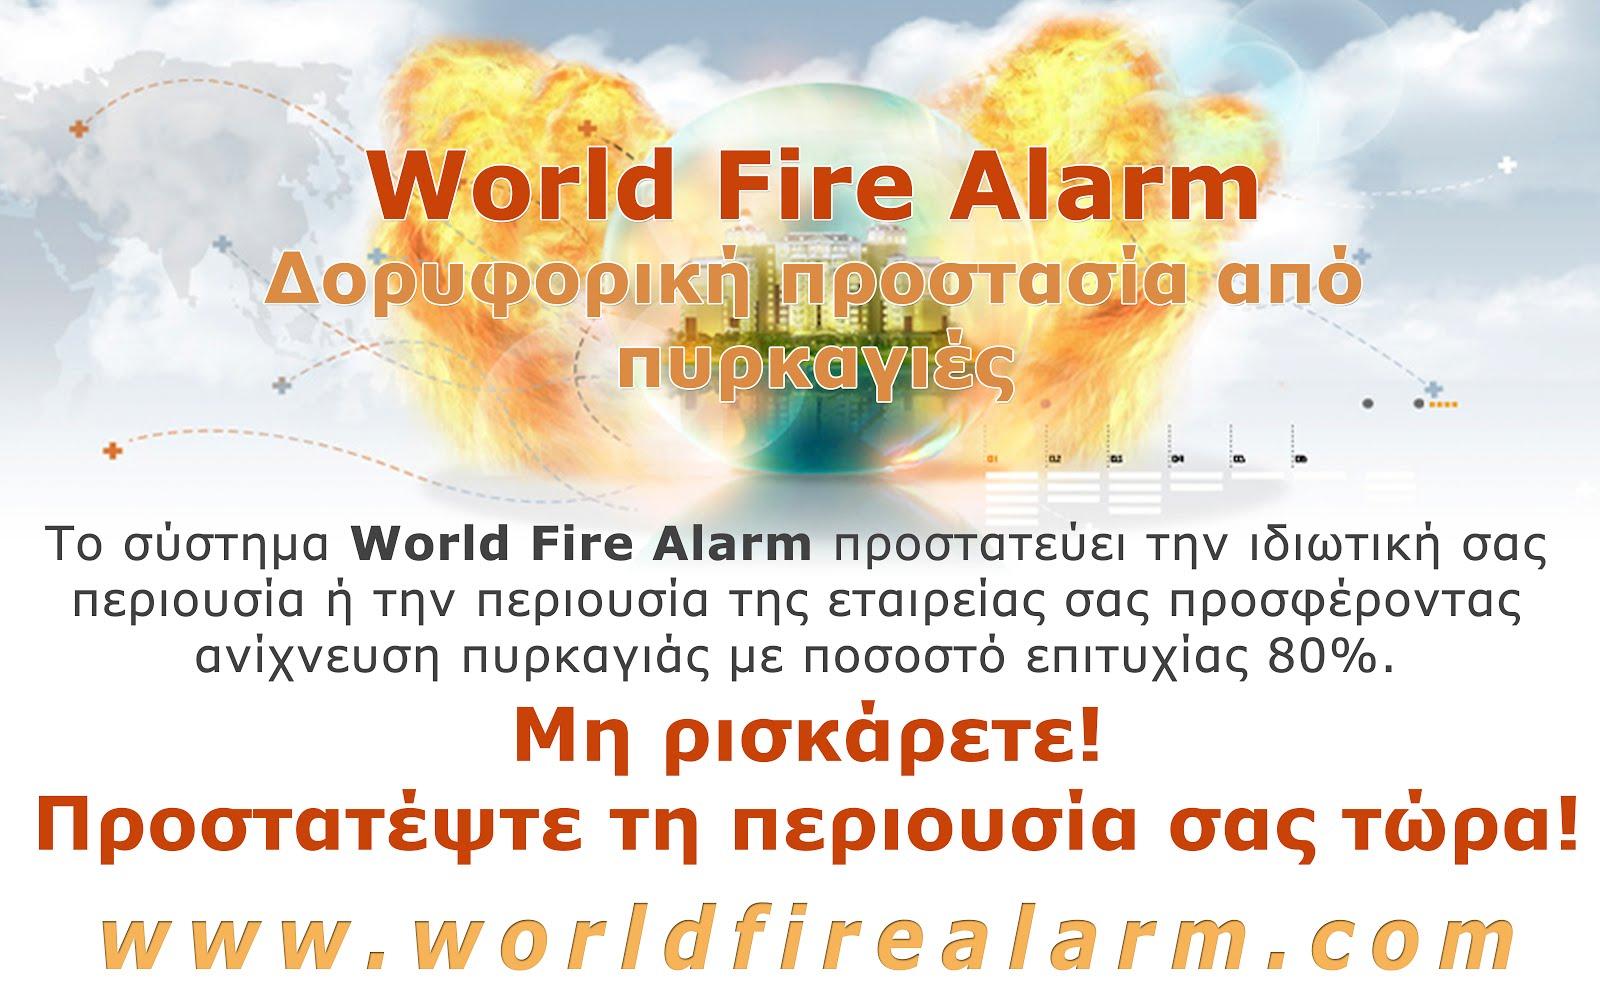 Δορυφορική προστασία από πυρκαγιές